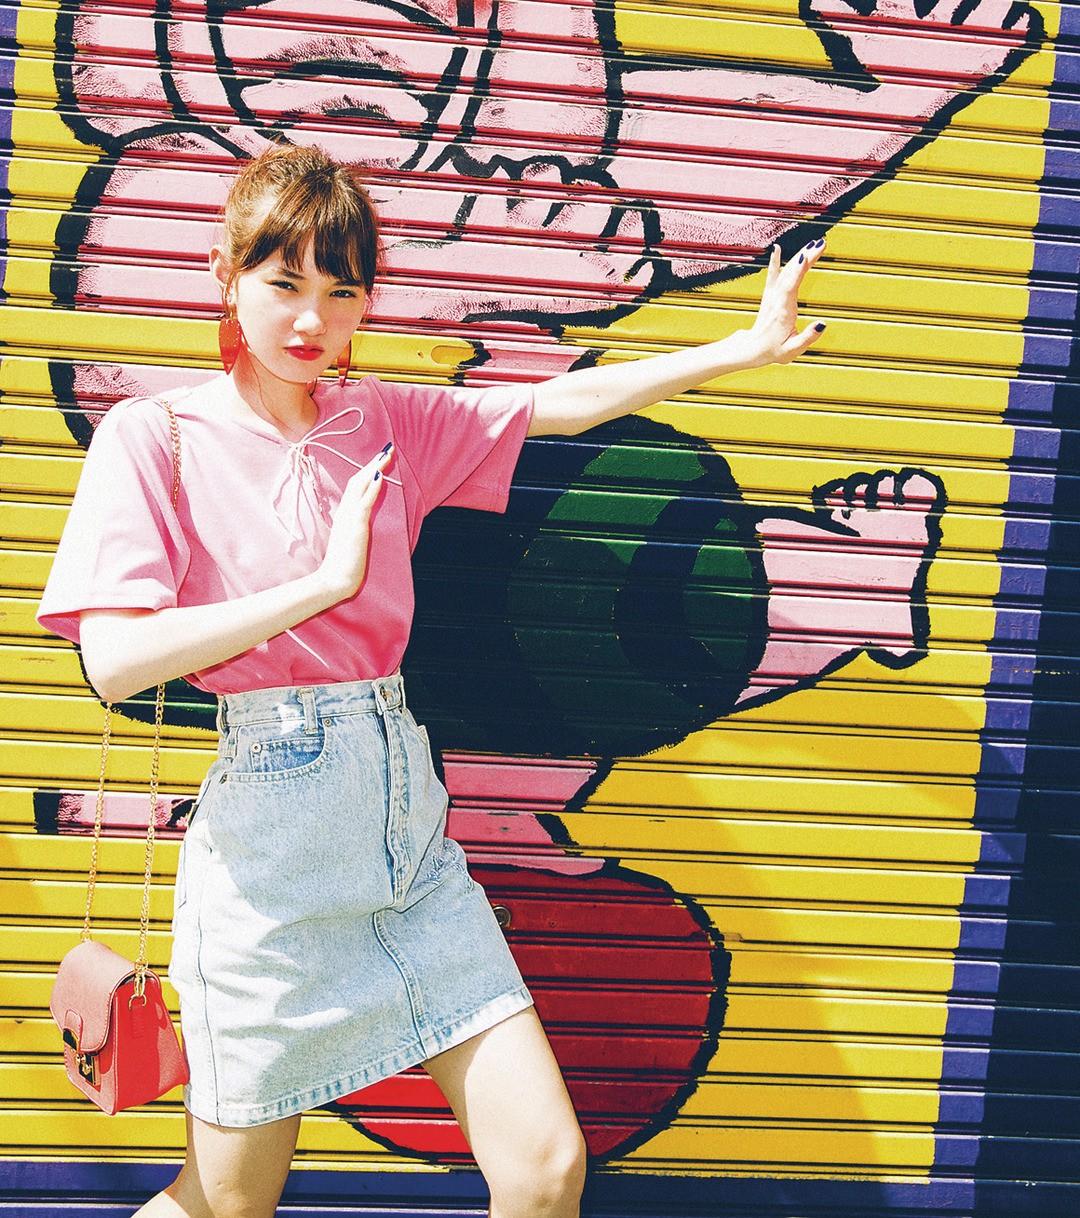 「デニムスカートは古着だよ! この色オチ感、新品ではなかなかないでしょ。ピンクのトップスでカジュアルだけど、女のコっぽく♡」(マーシュ彩)